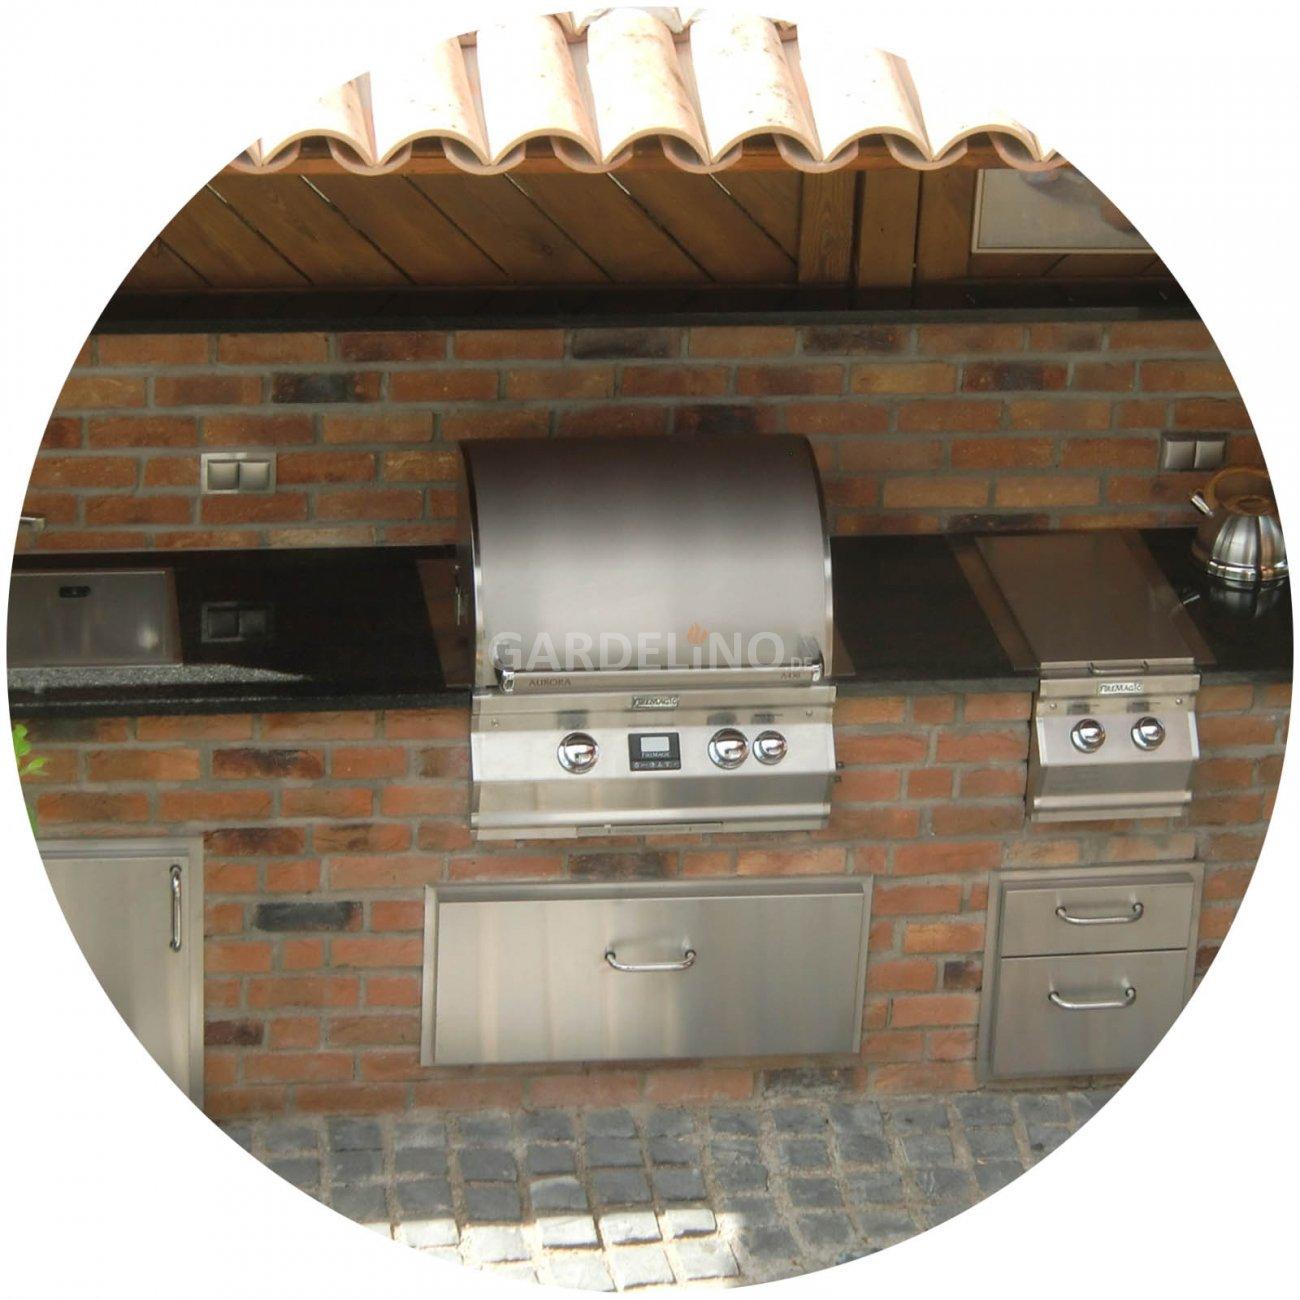 Outdoorküche aus Backstein mit Fire Magic Einbau Gasgrill selber bauen